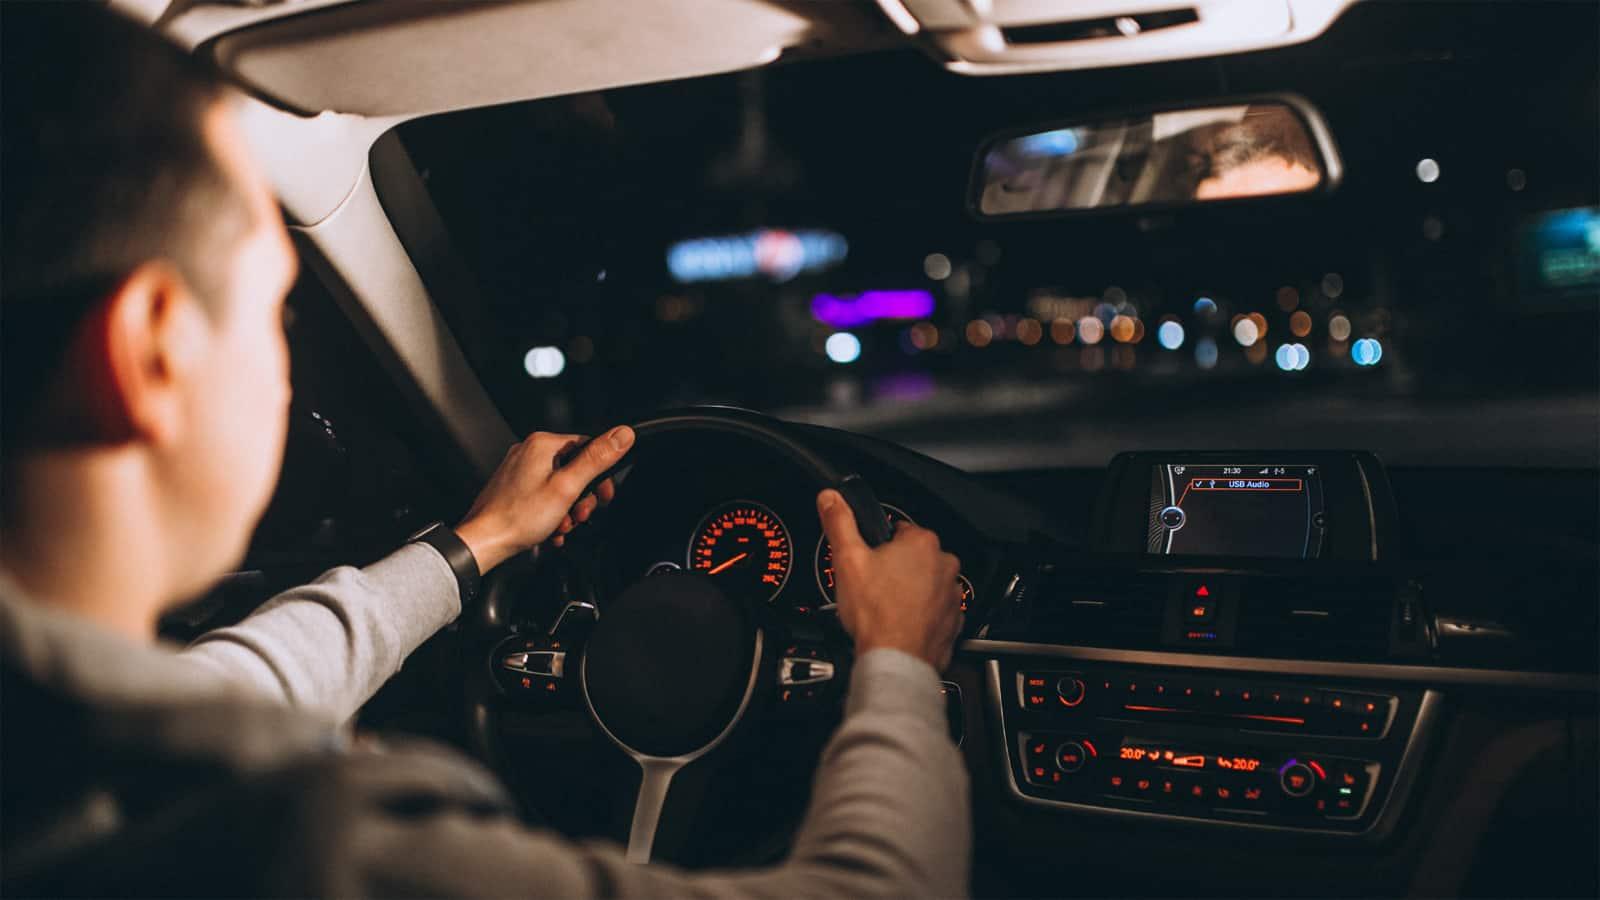 rossz látás vezetés közben